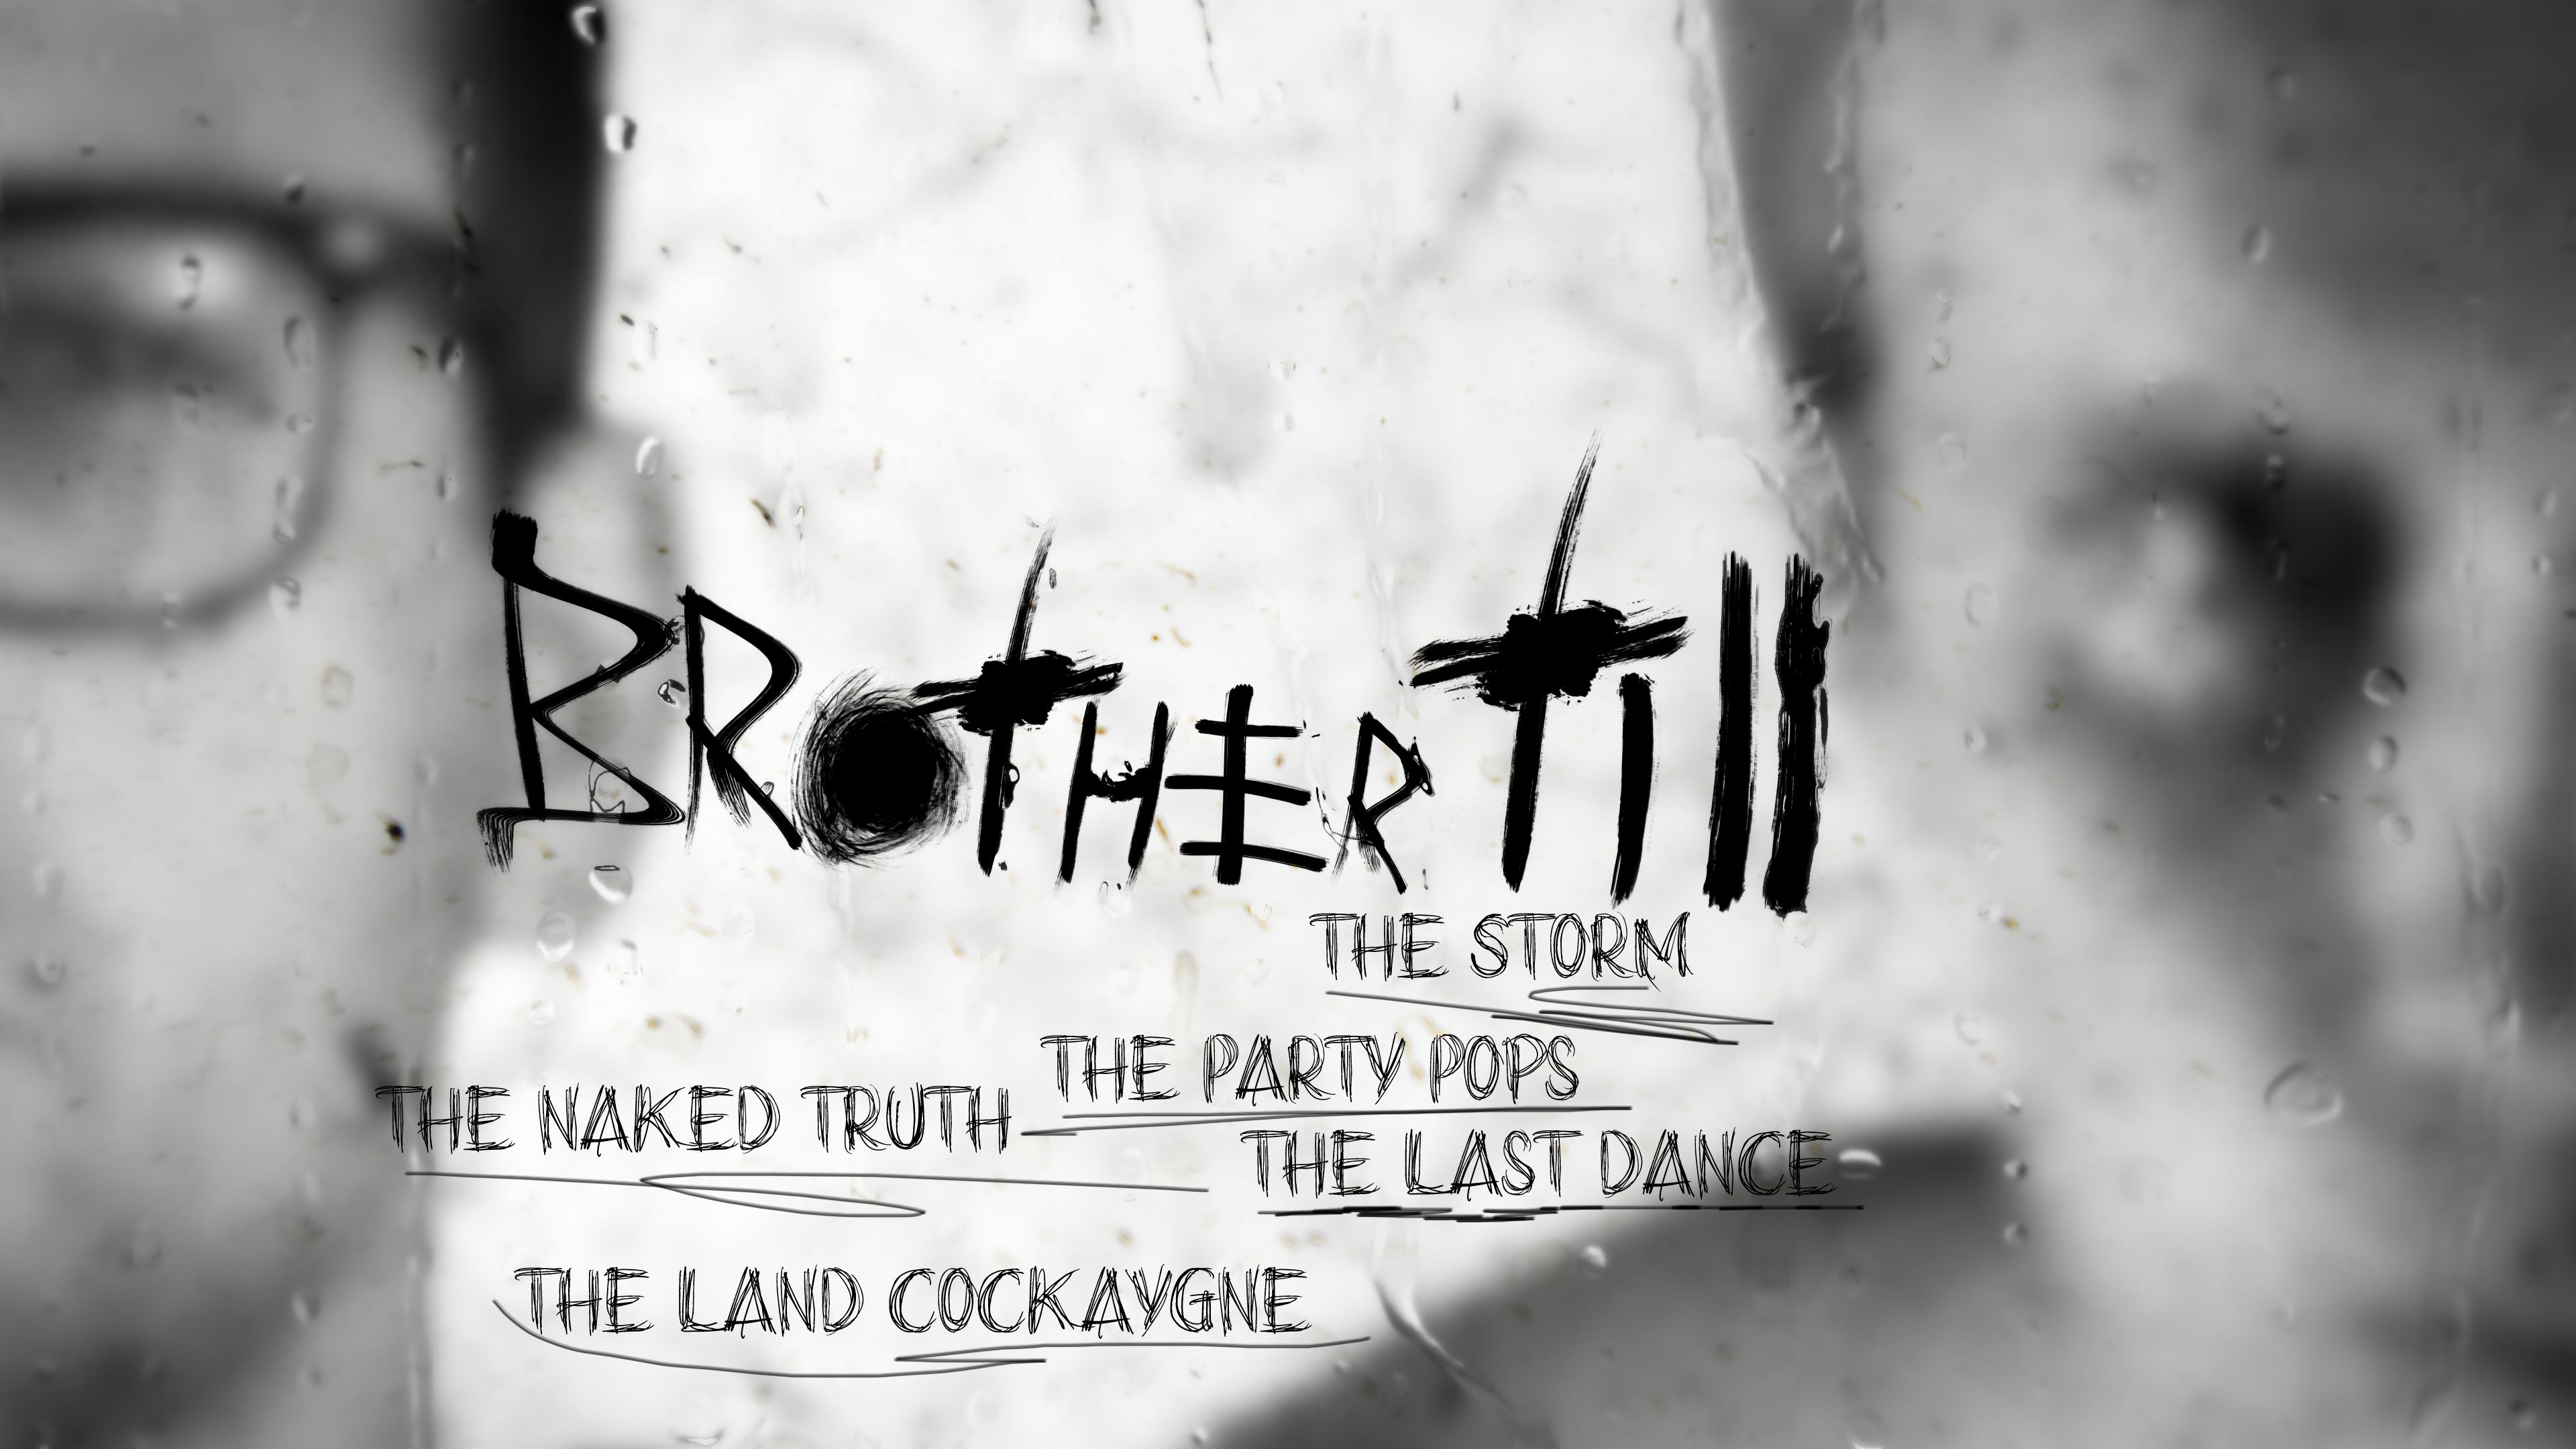 BrotherTill